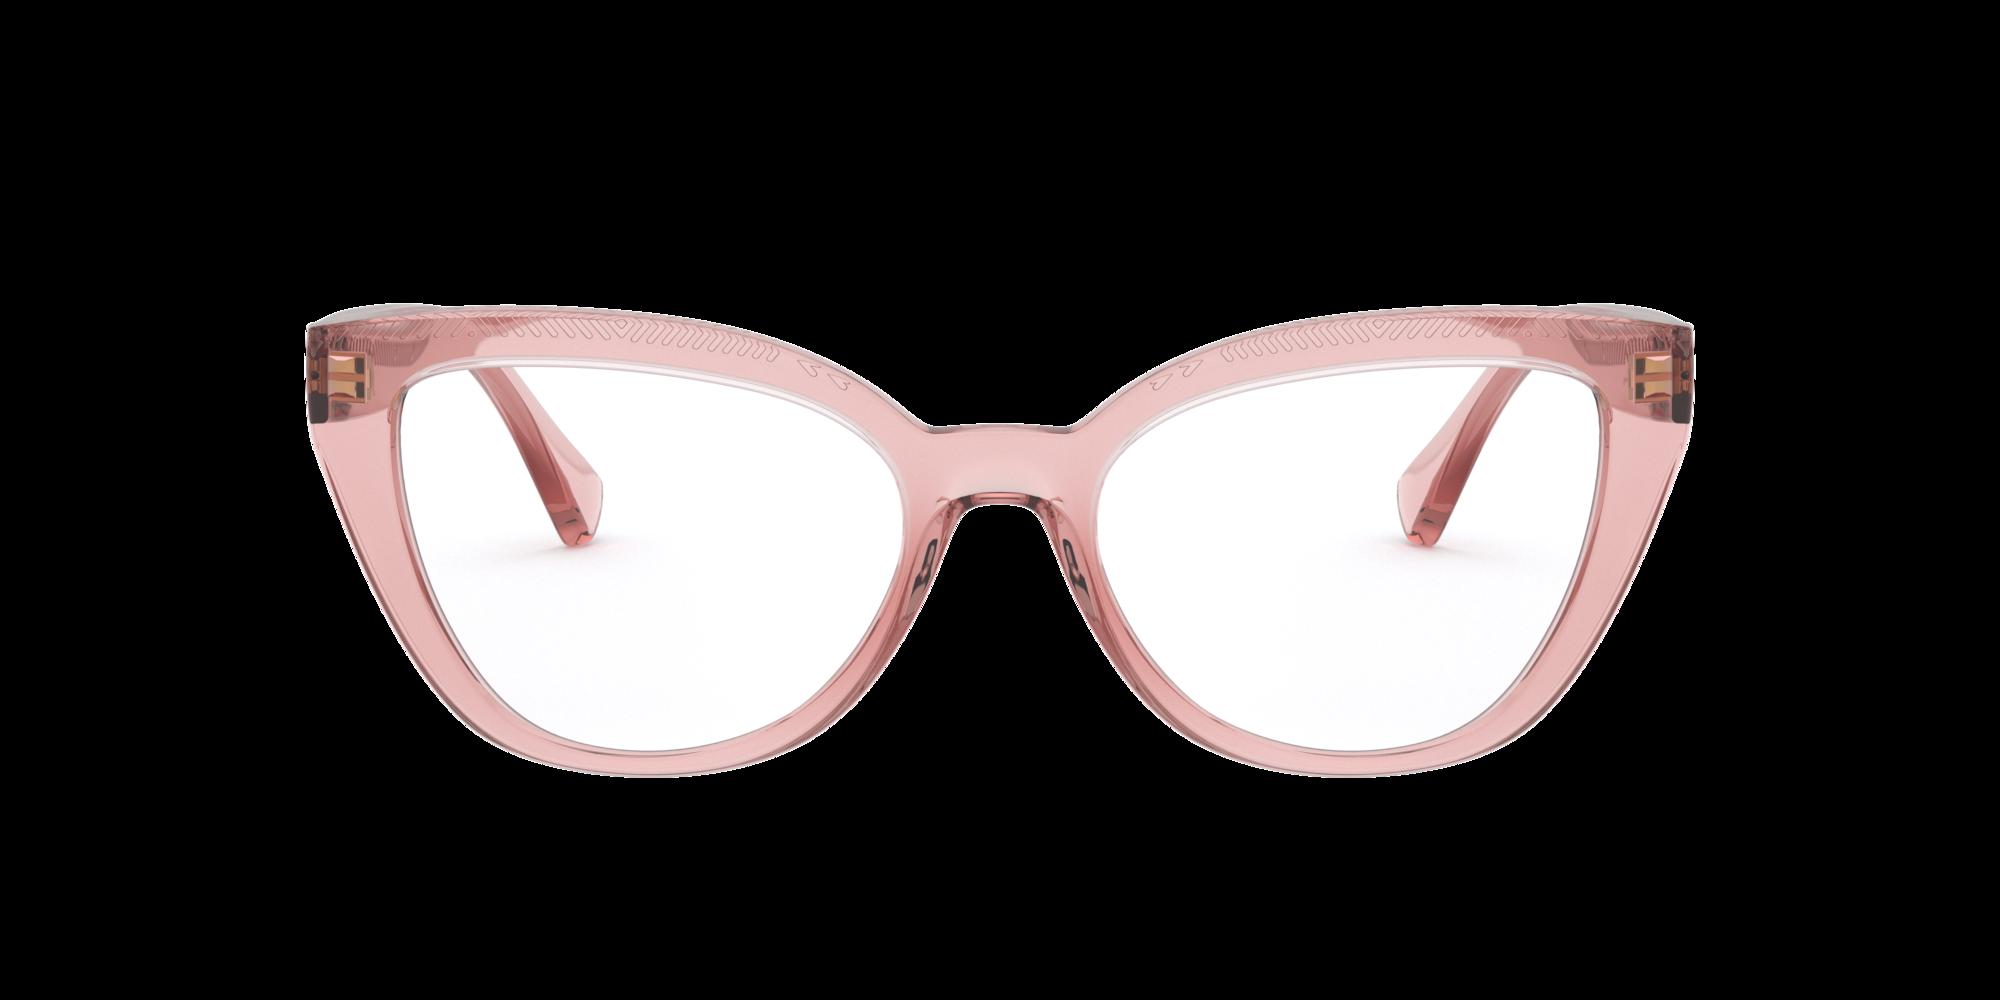 Imagen para RA7112 de LensCrafters |  Espejuelos, espejuelos graduados en línea, gafas